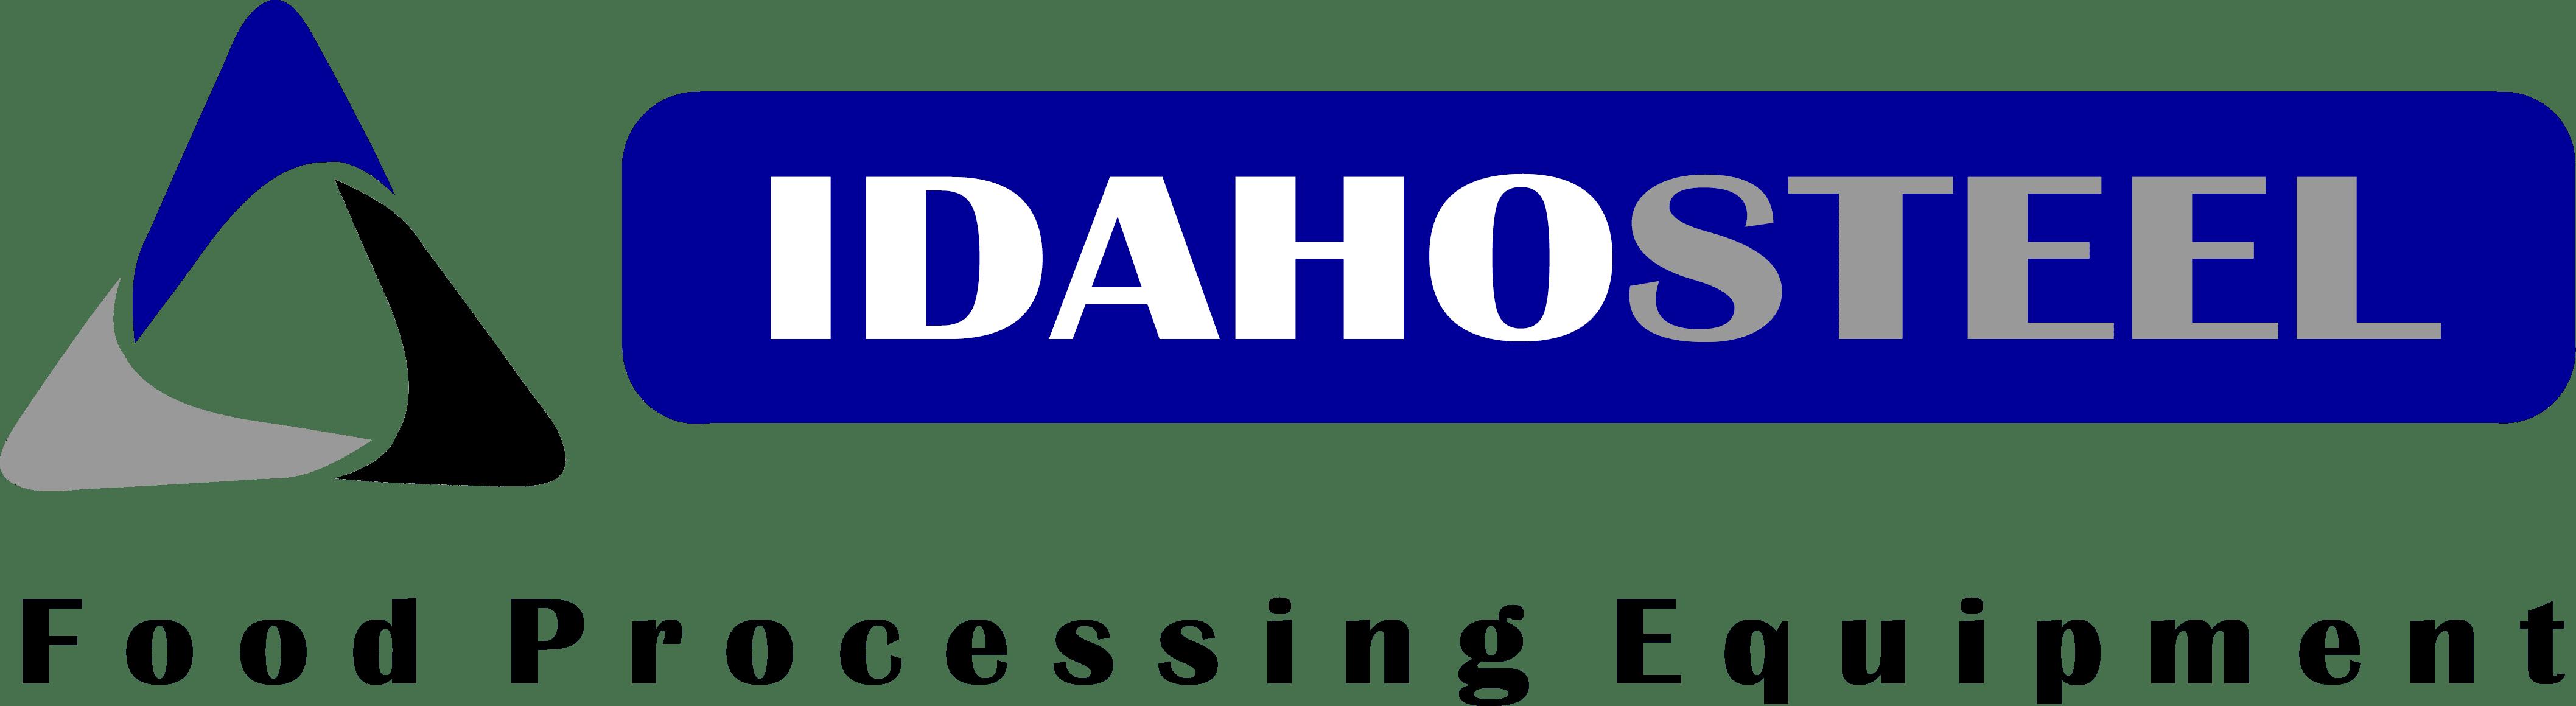 Logo-Idaho-Steel